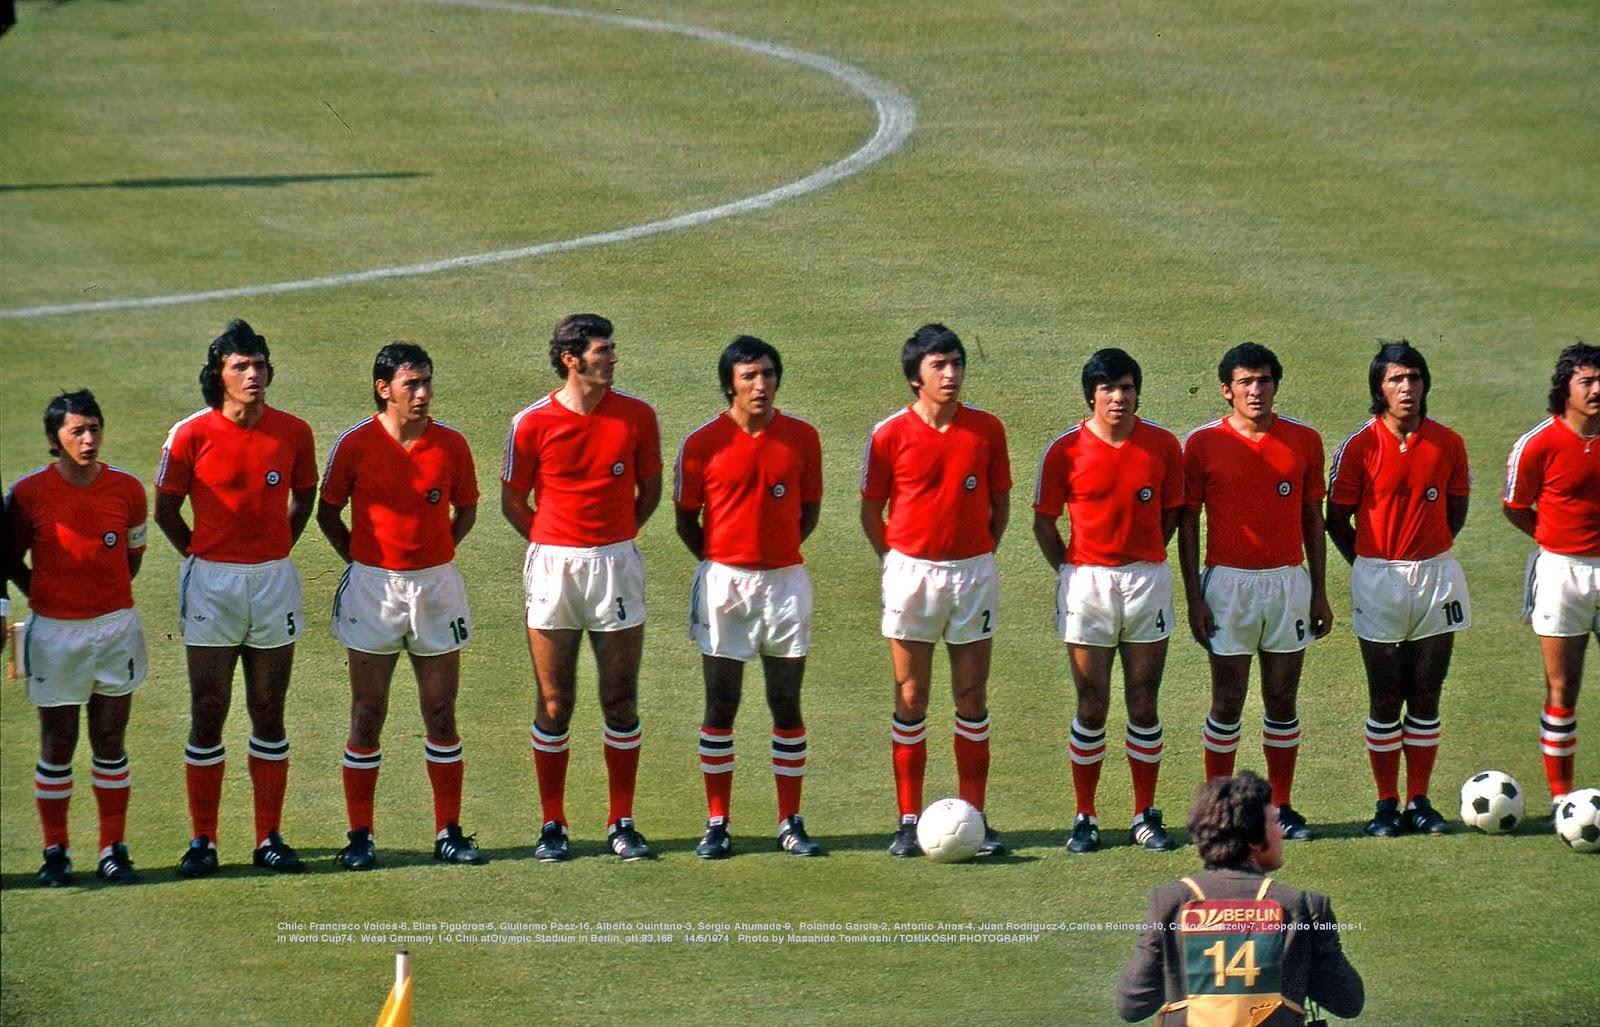 Formación de Alemania Federal ante Chile, Copa del Mundo Alemania 1974, 14 de junio